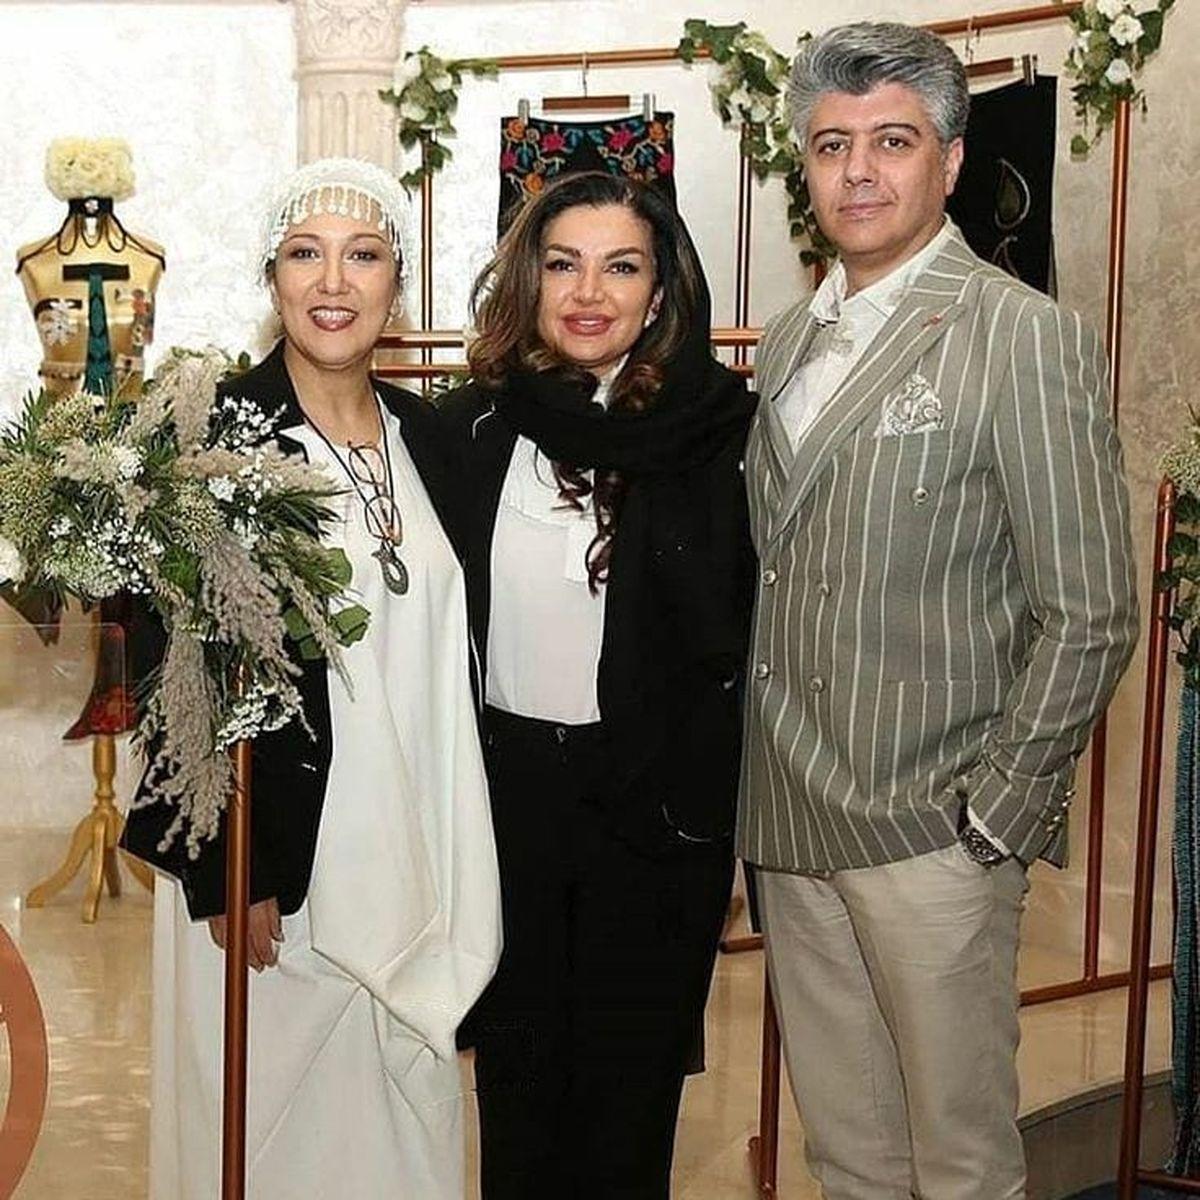 عکس بی حجاب پانته آ بهرام با لباسِ ناجور در یک میهمانی !